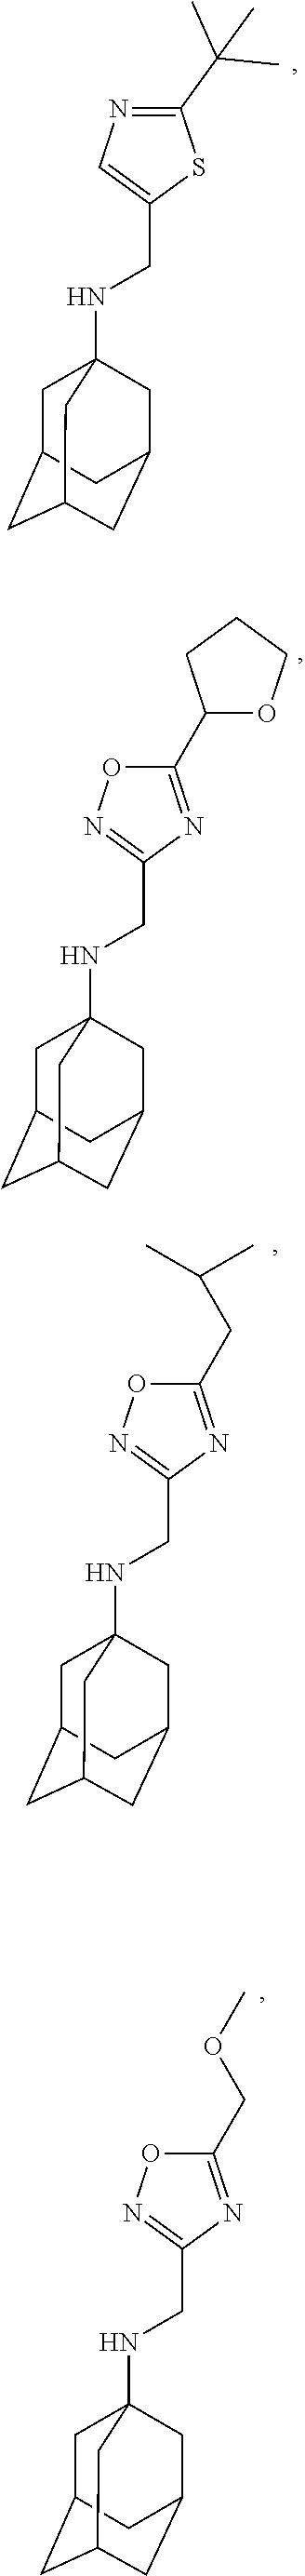 Figure US09884832-20180206-C00079